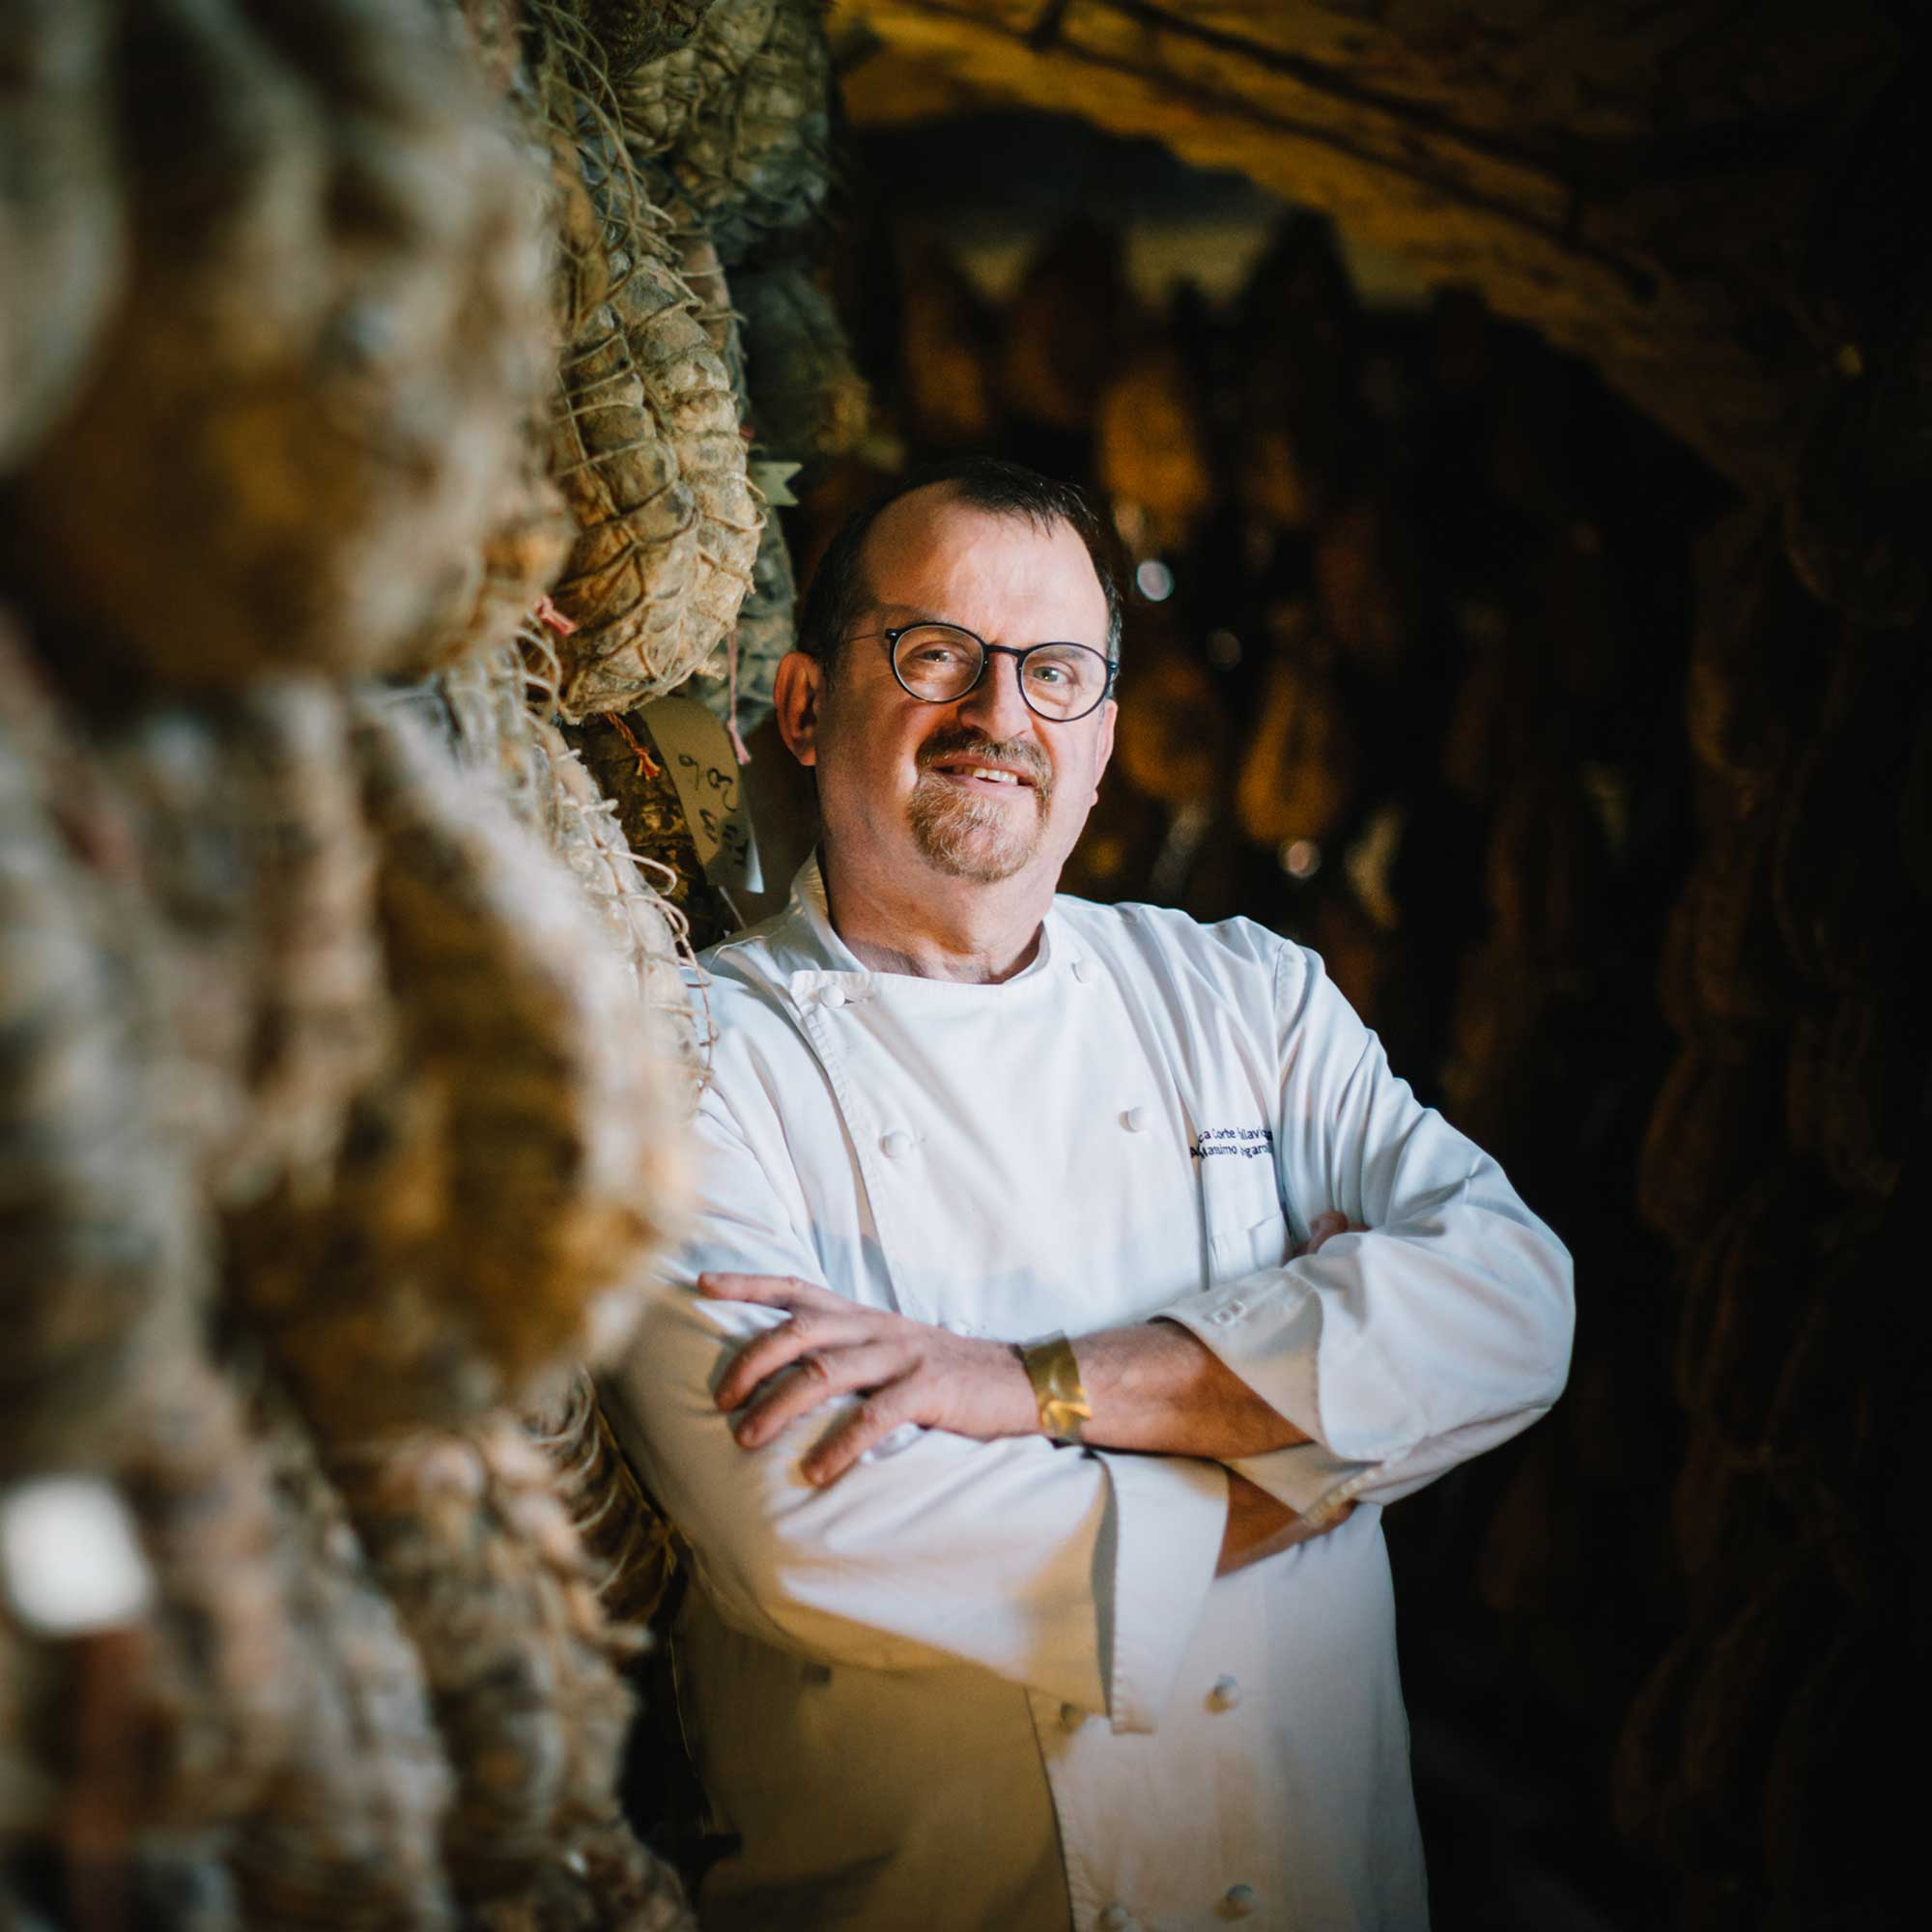 Photo portrait d'un chef en veste blanche, il pose devant des Culatello di Zibello, un jambon italien